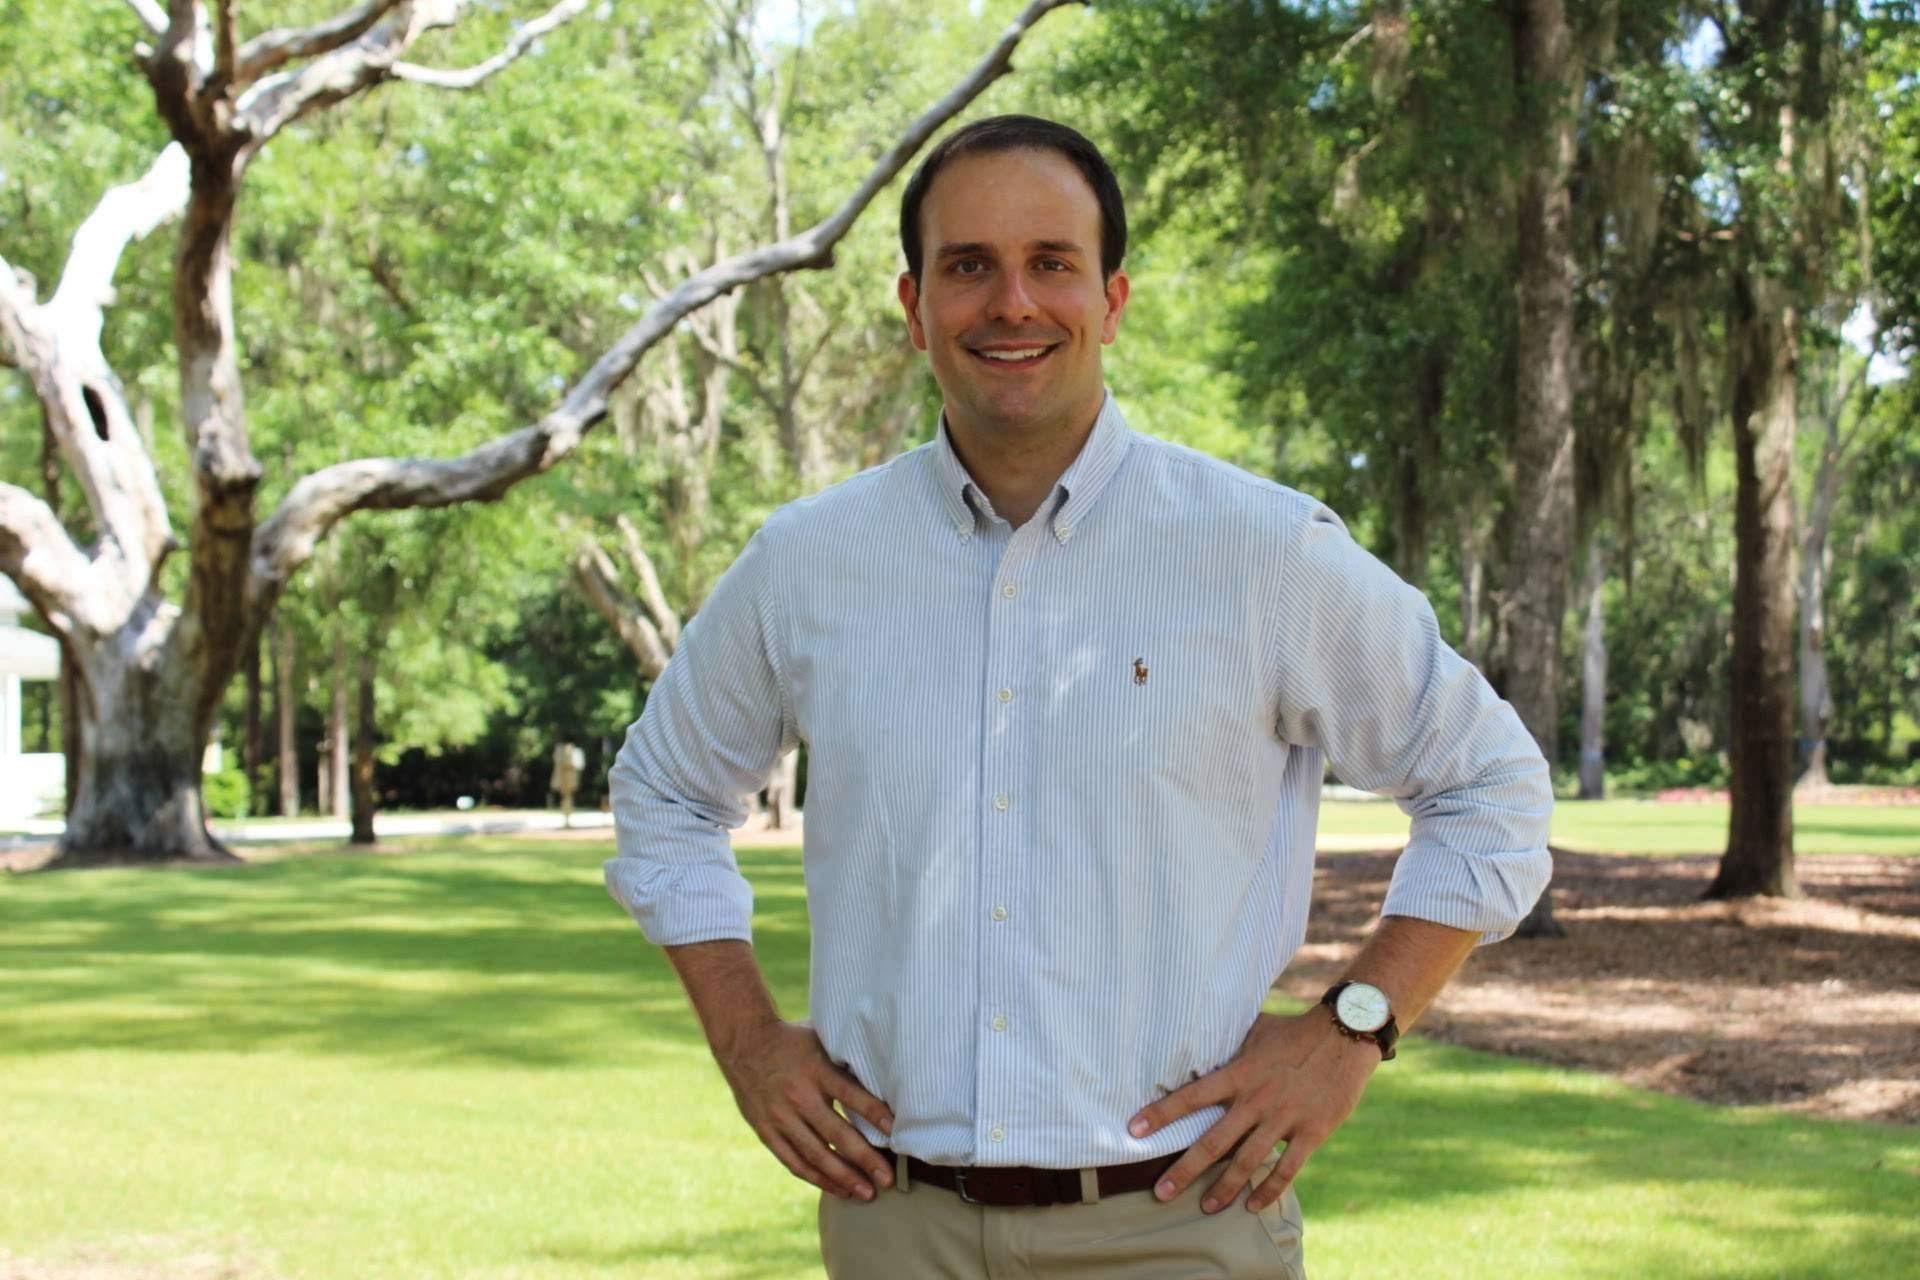 Real Estate Broker Ethan James